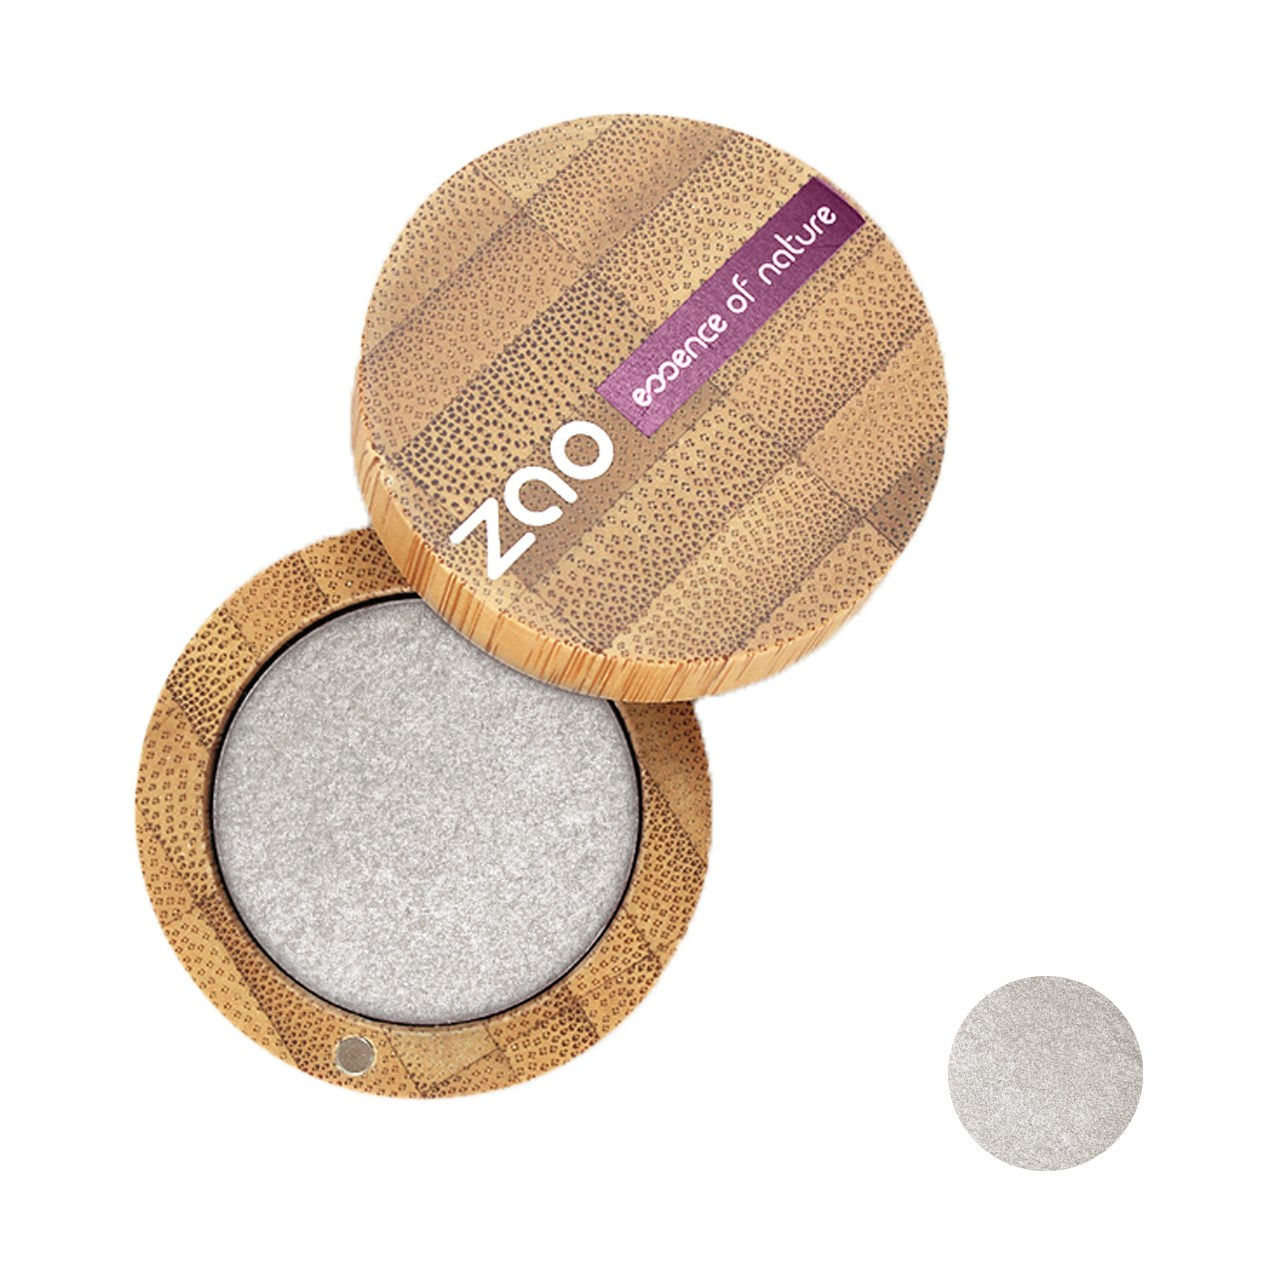 سایه چشم زاو مدل صدفی ضد حساسیت شماره 114